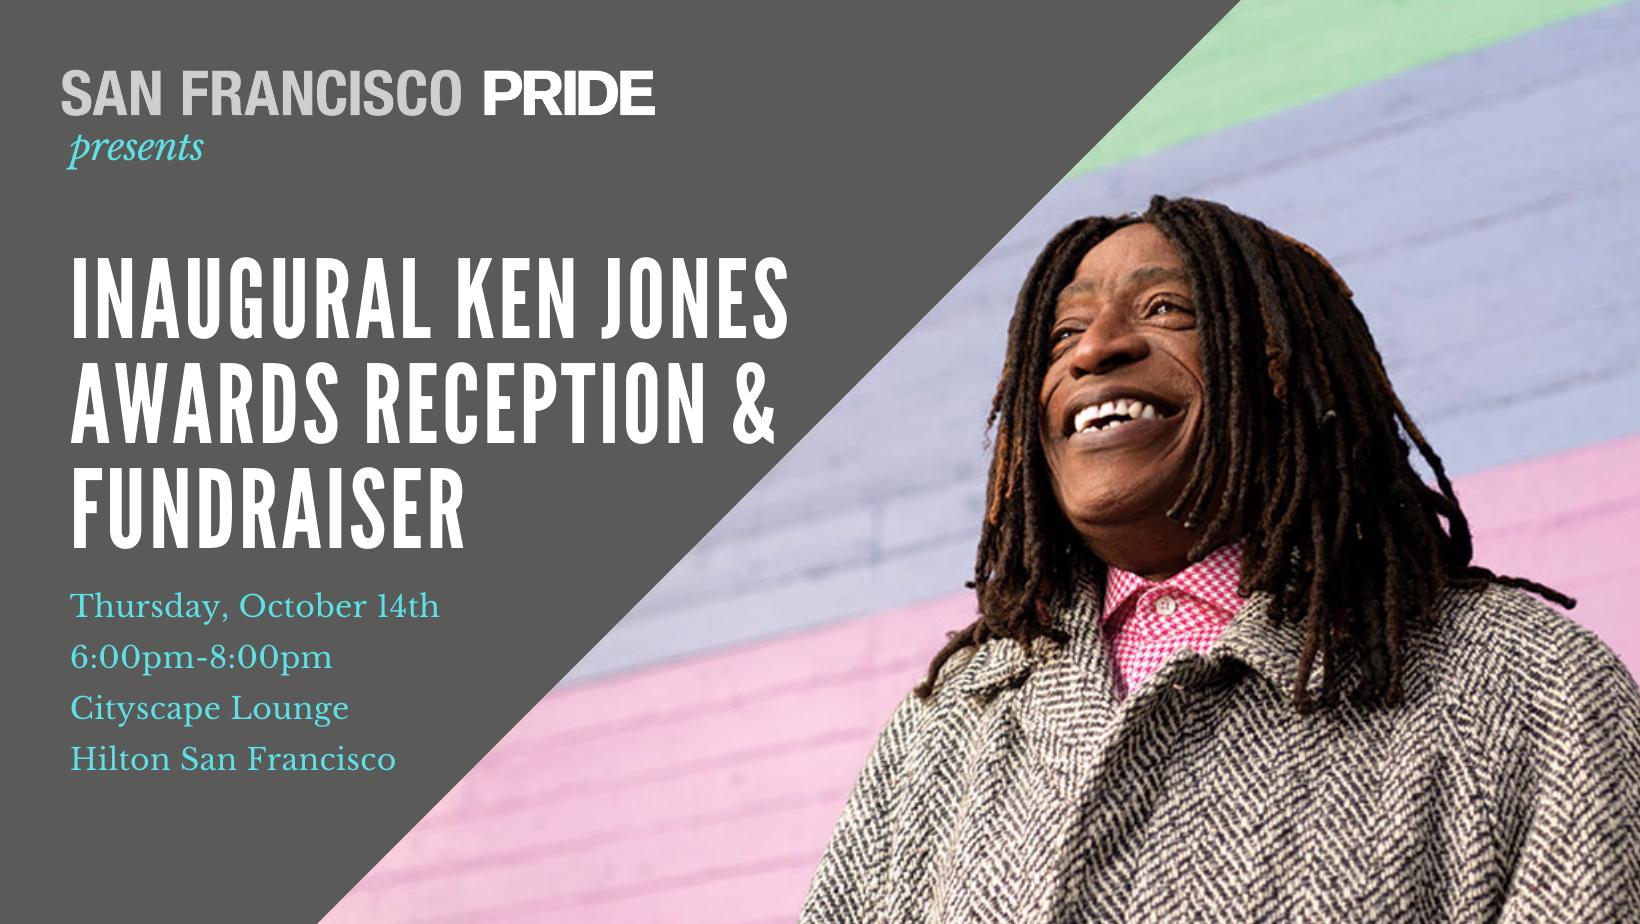 inaugural ken jones awards reception and fundraiser